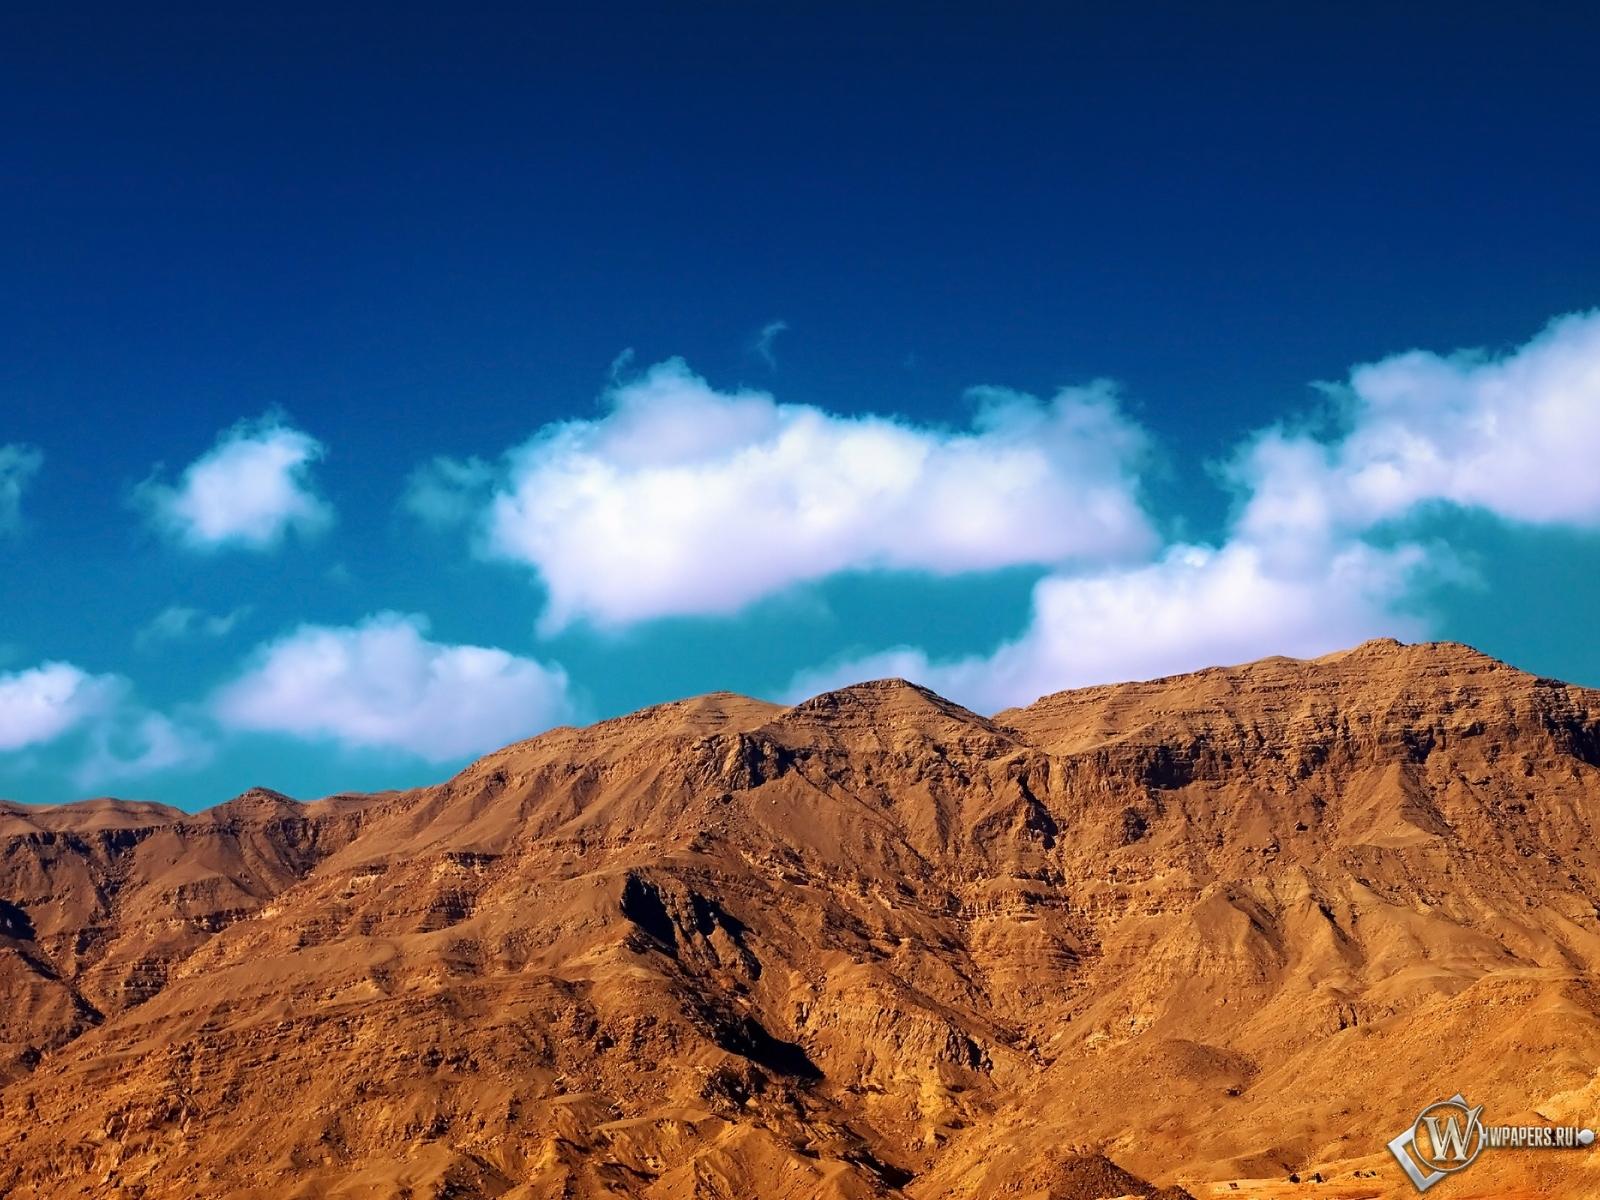 Египет Фото Бесплатно Скачать